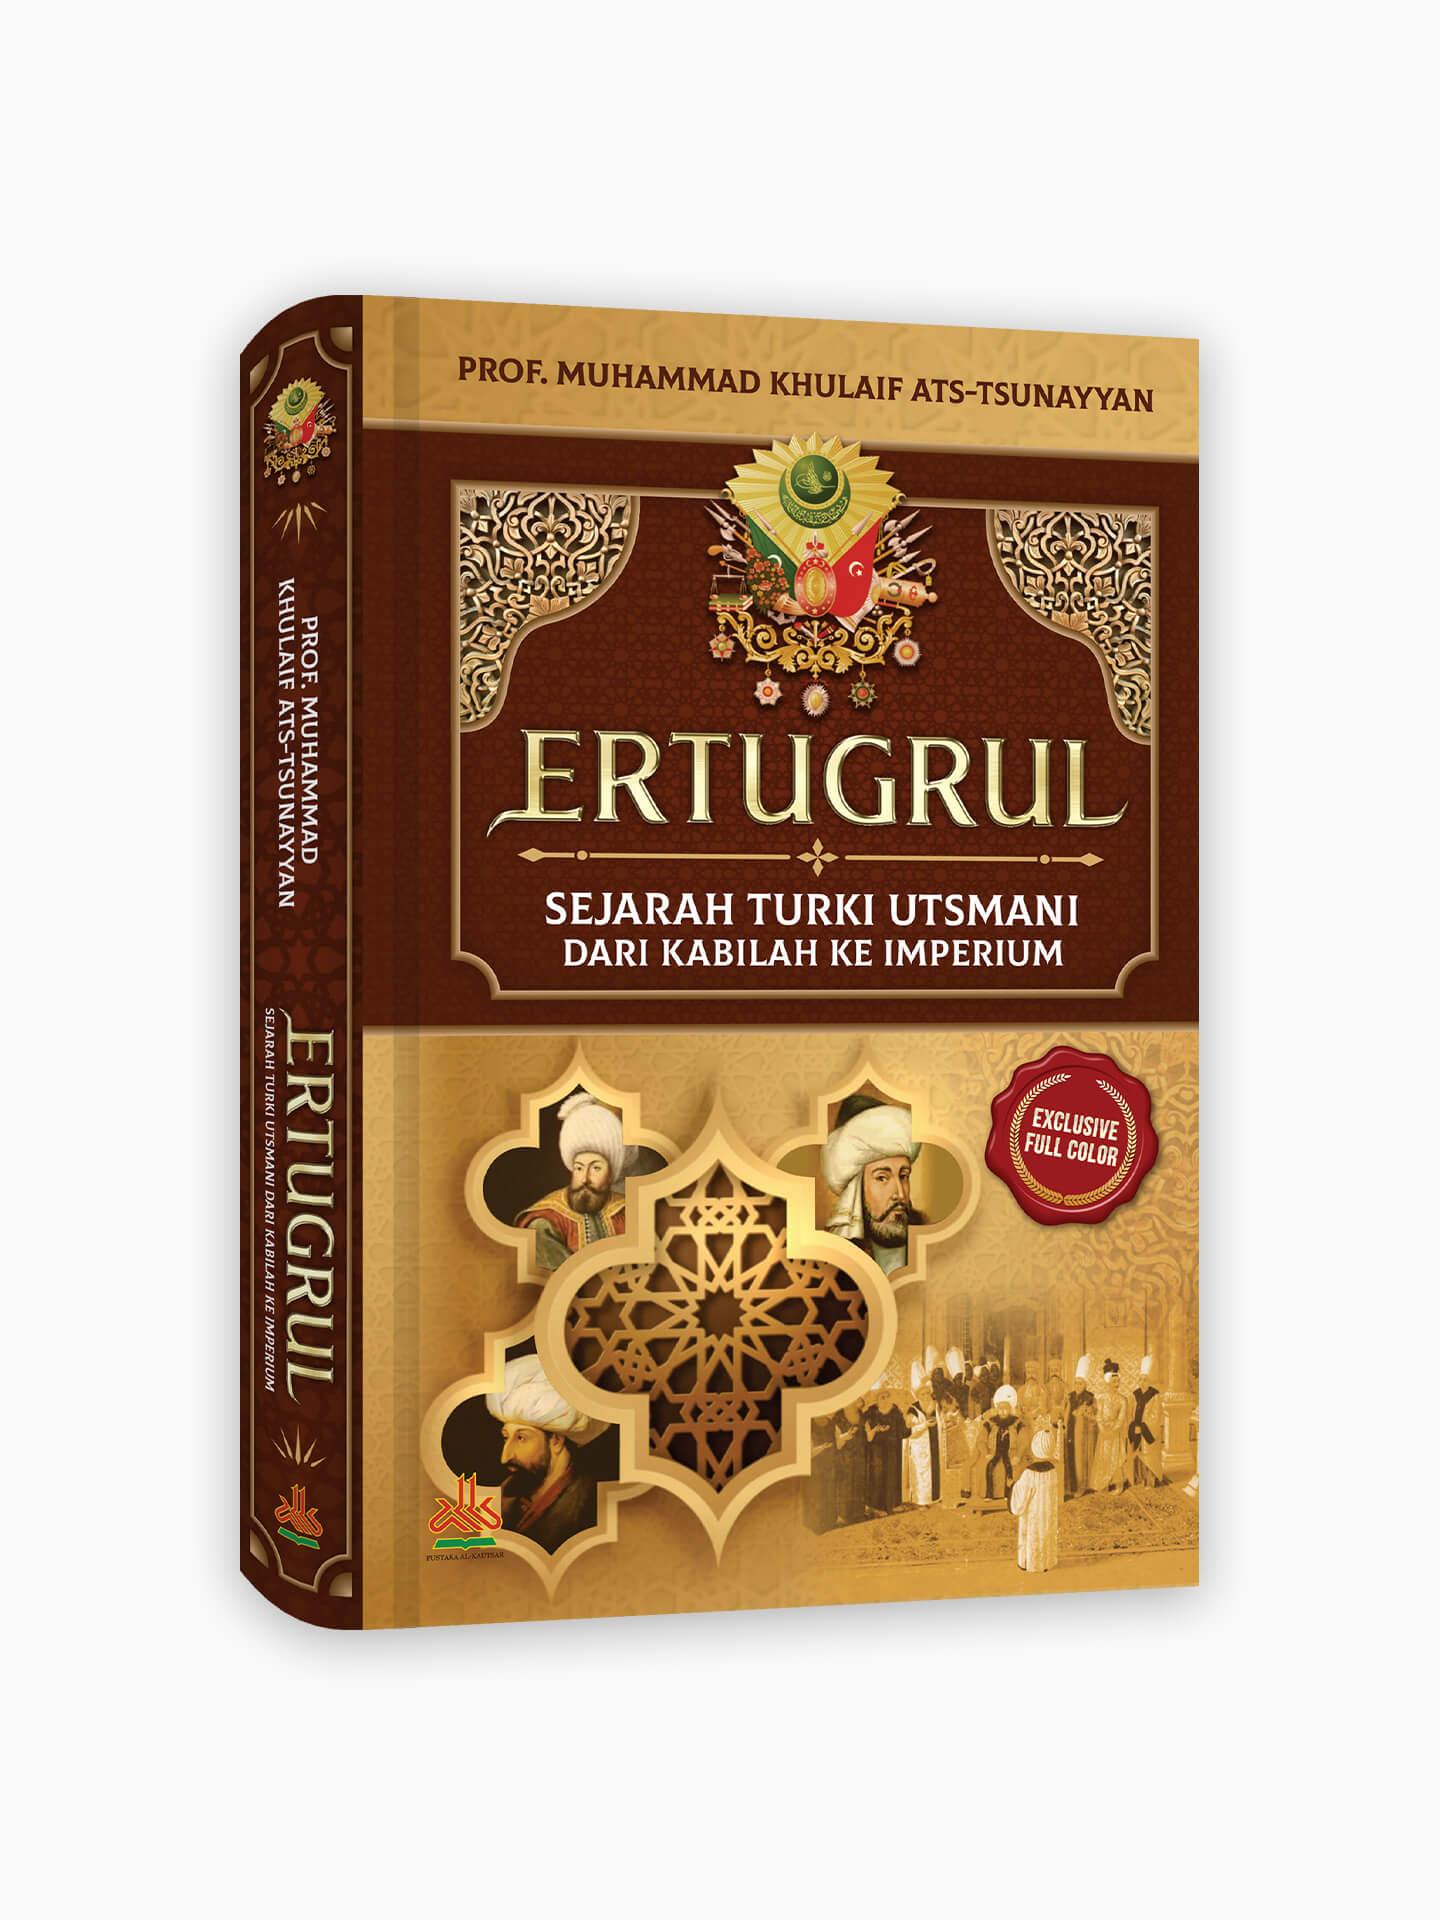 Ertugrul : Sejarah Turki Utsmani dari Kabilah Ke Imperium (Hard Cover-Full Color)